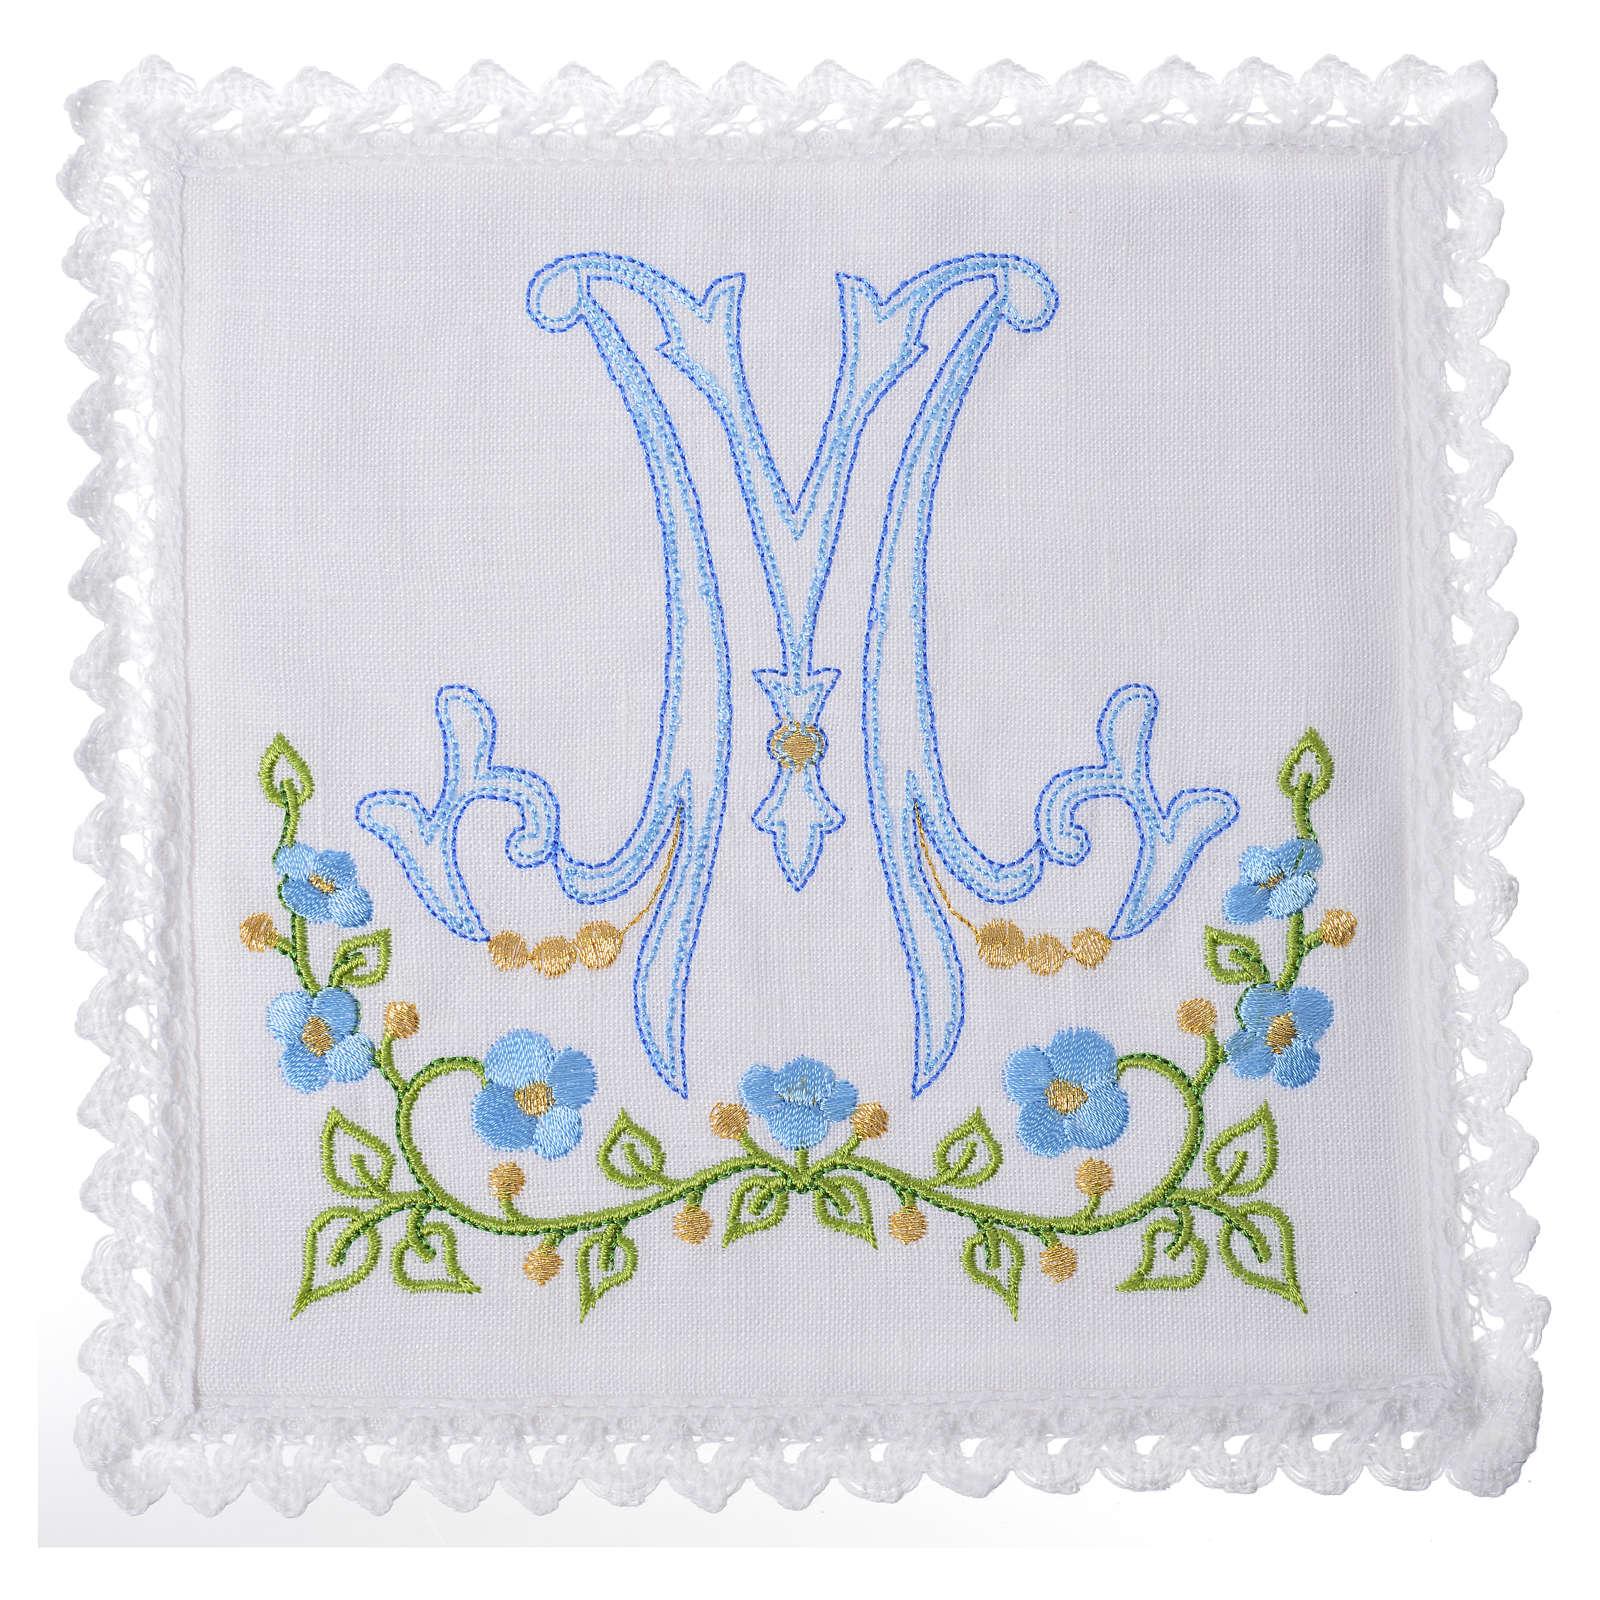 Servizio da altare 100% lino simbolo mariano azzurro 4